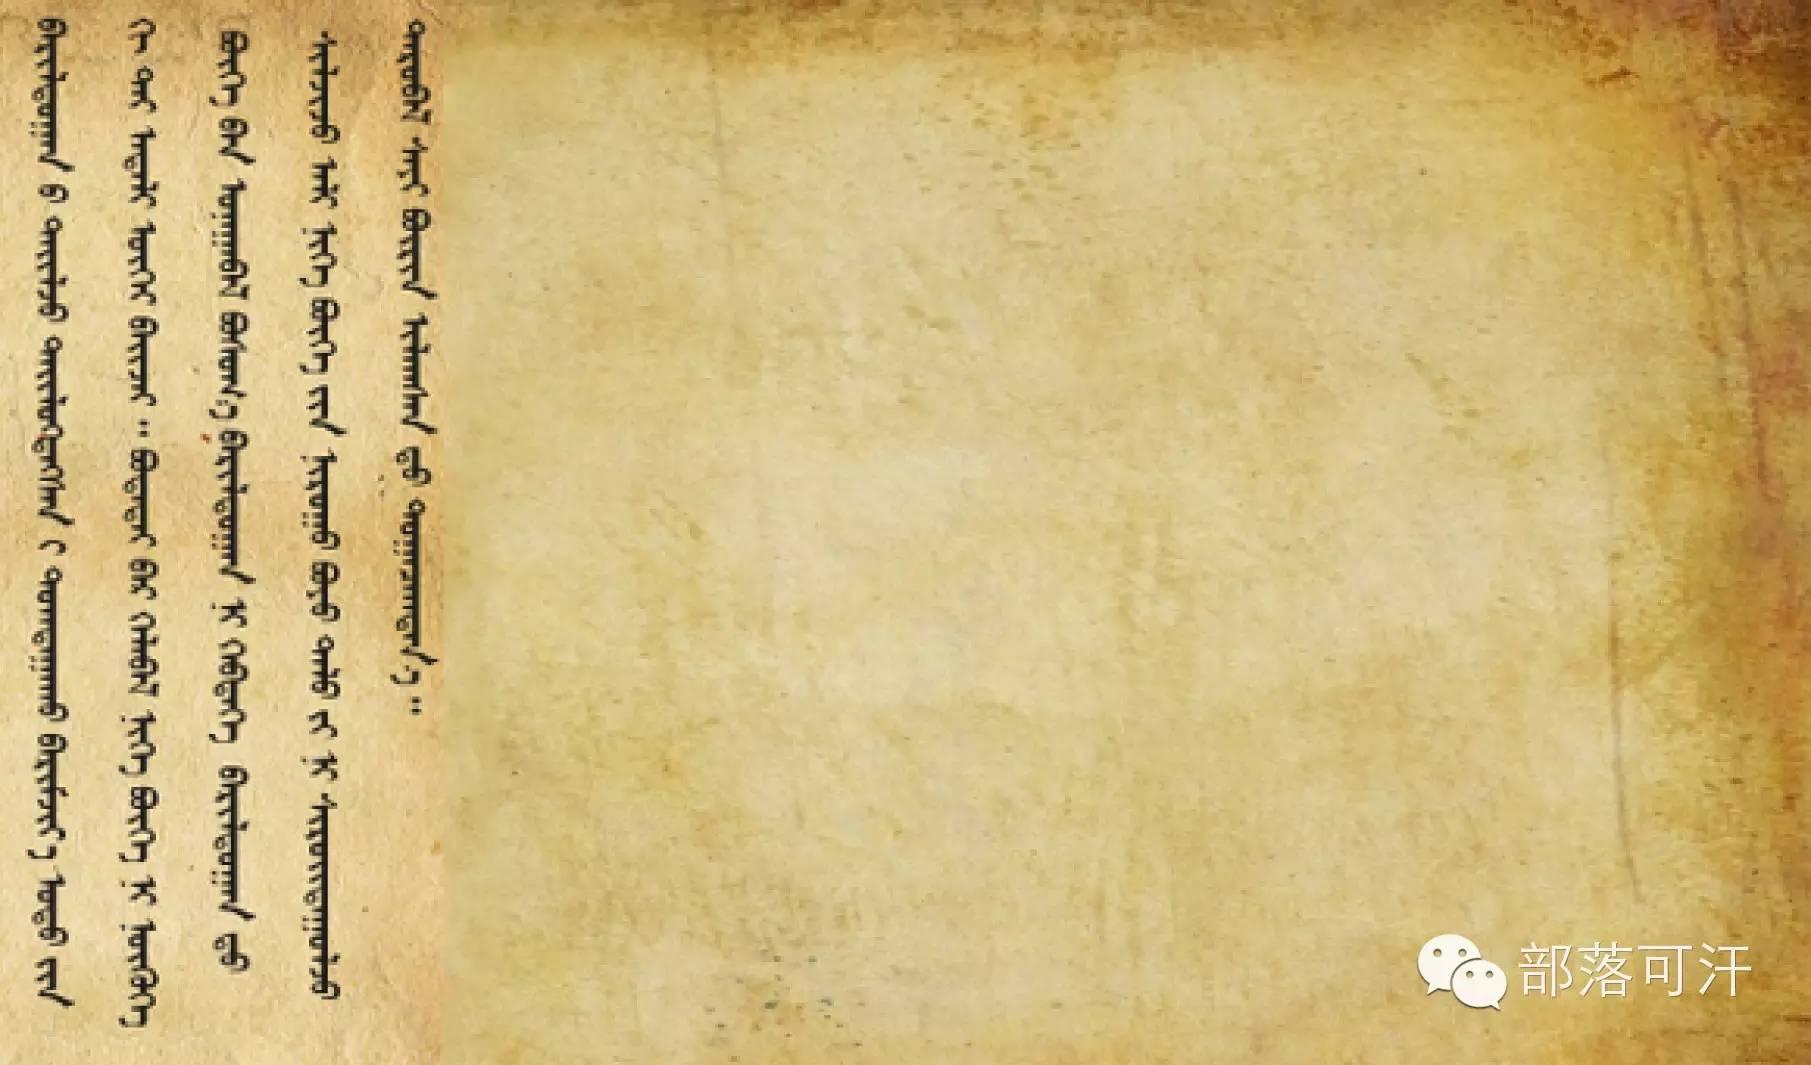 【记史资料】成吉思汗时代的蒙古式摔跤 第6张